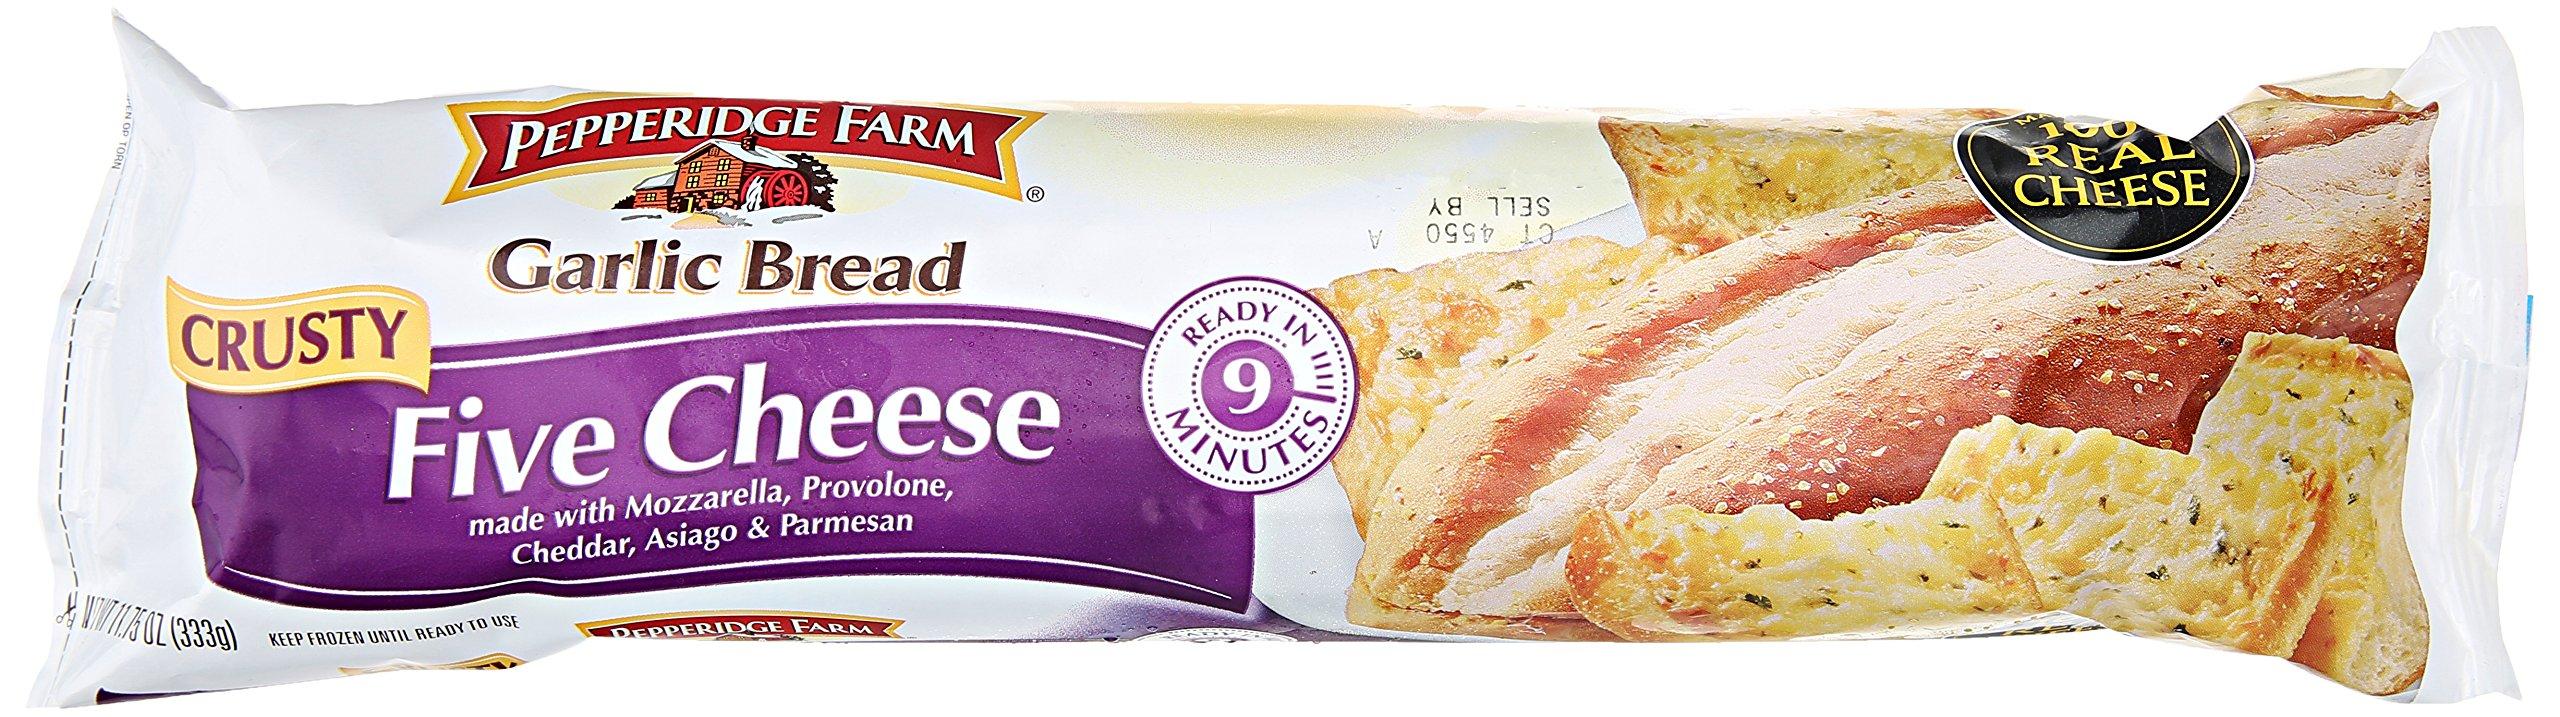 Pepperidge Farm, Garlic Bread, 11.75 oz (Frozen)